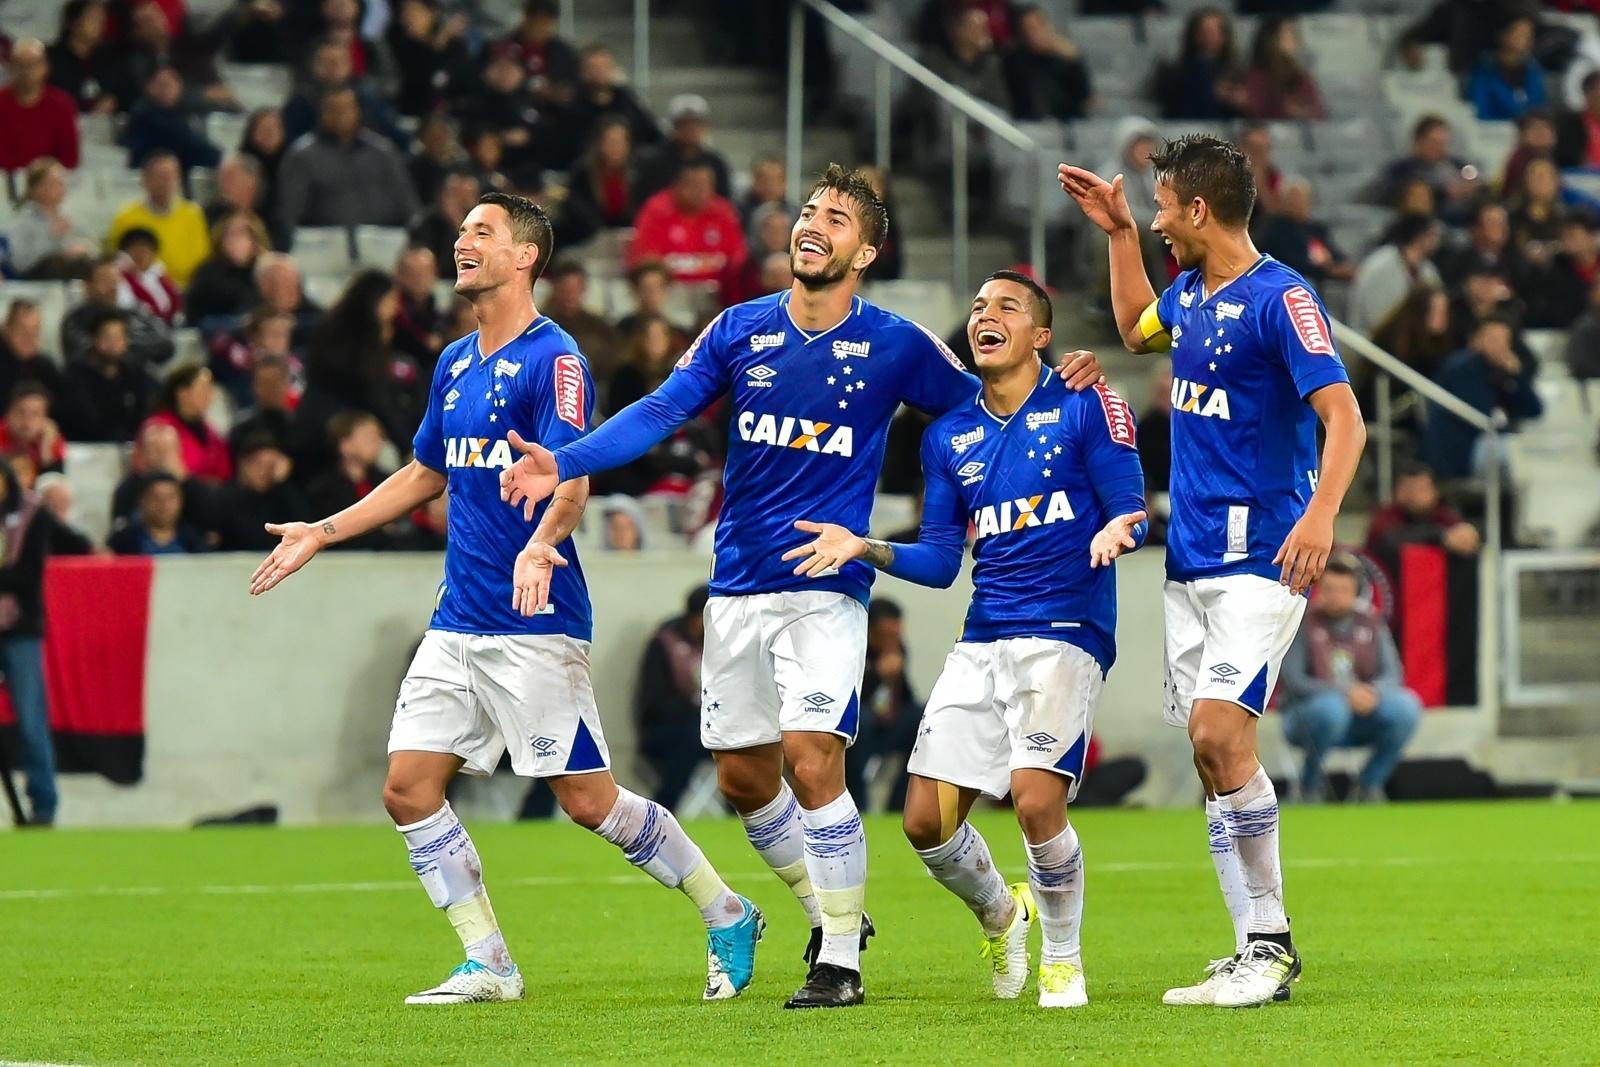 Lucas Romero comemora gol marcado com companheiros do Cruzeiro